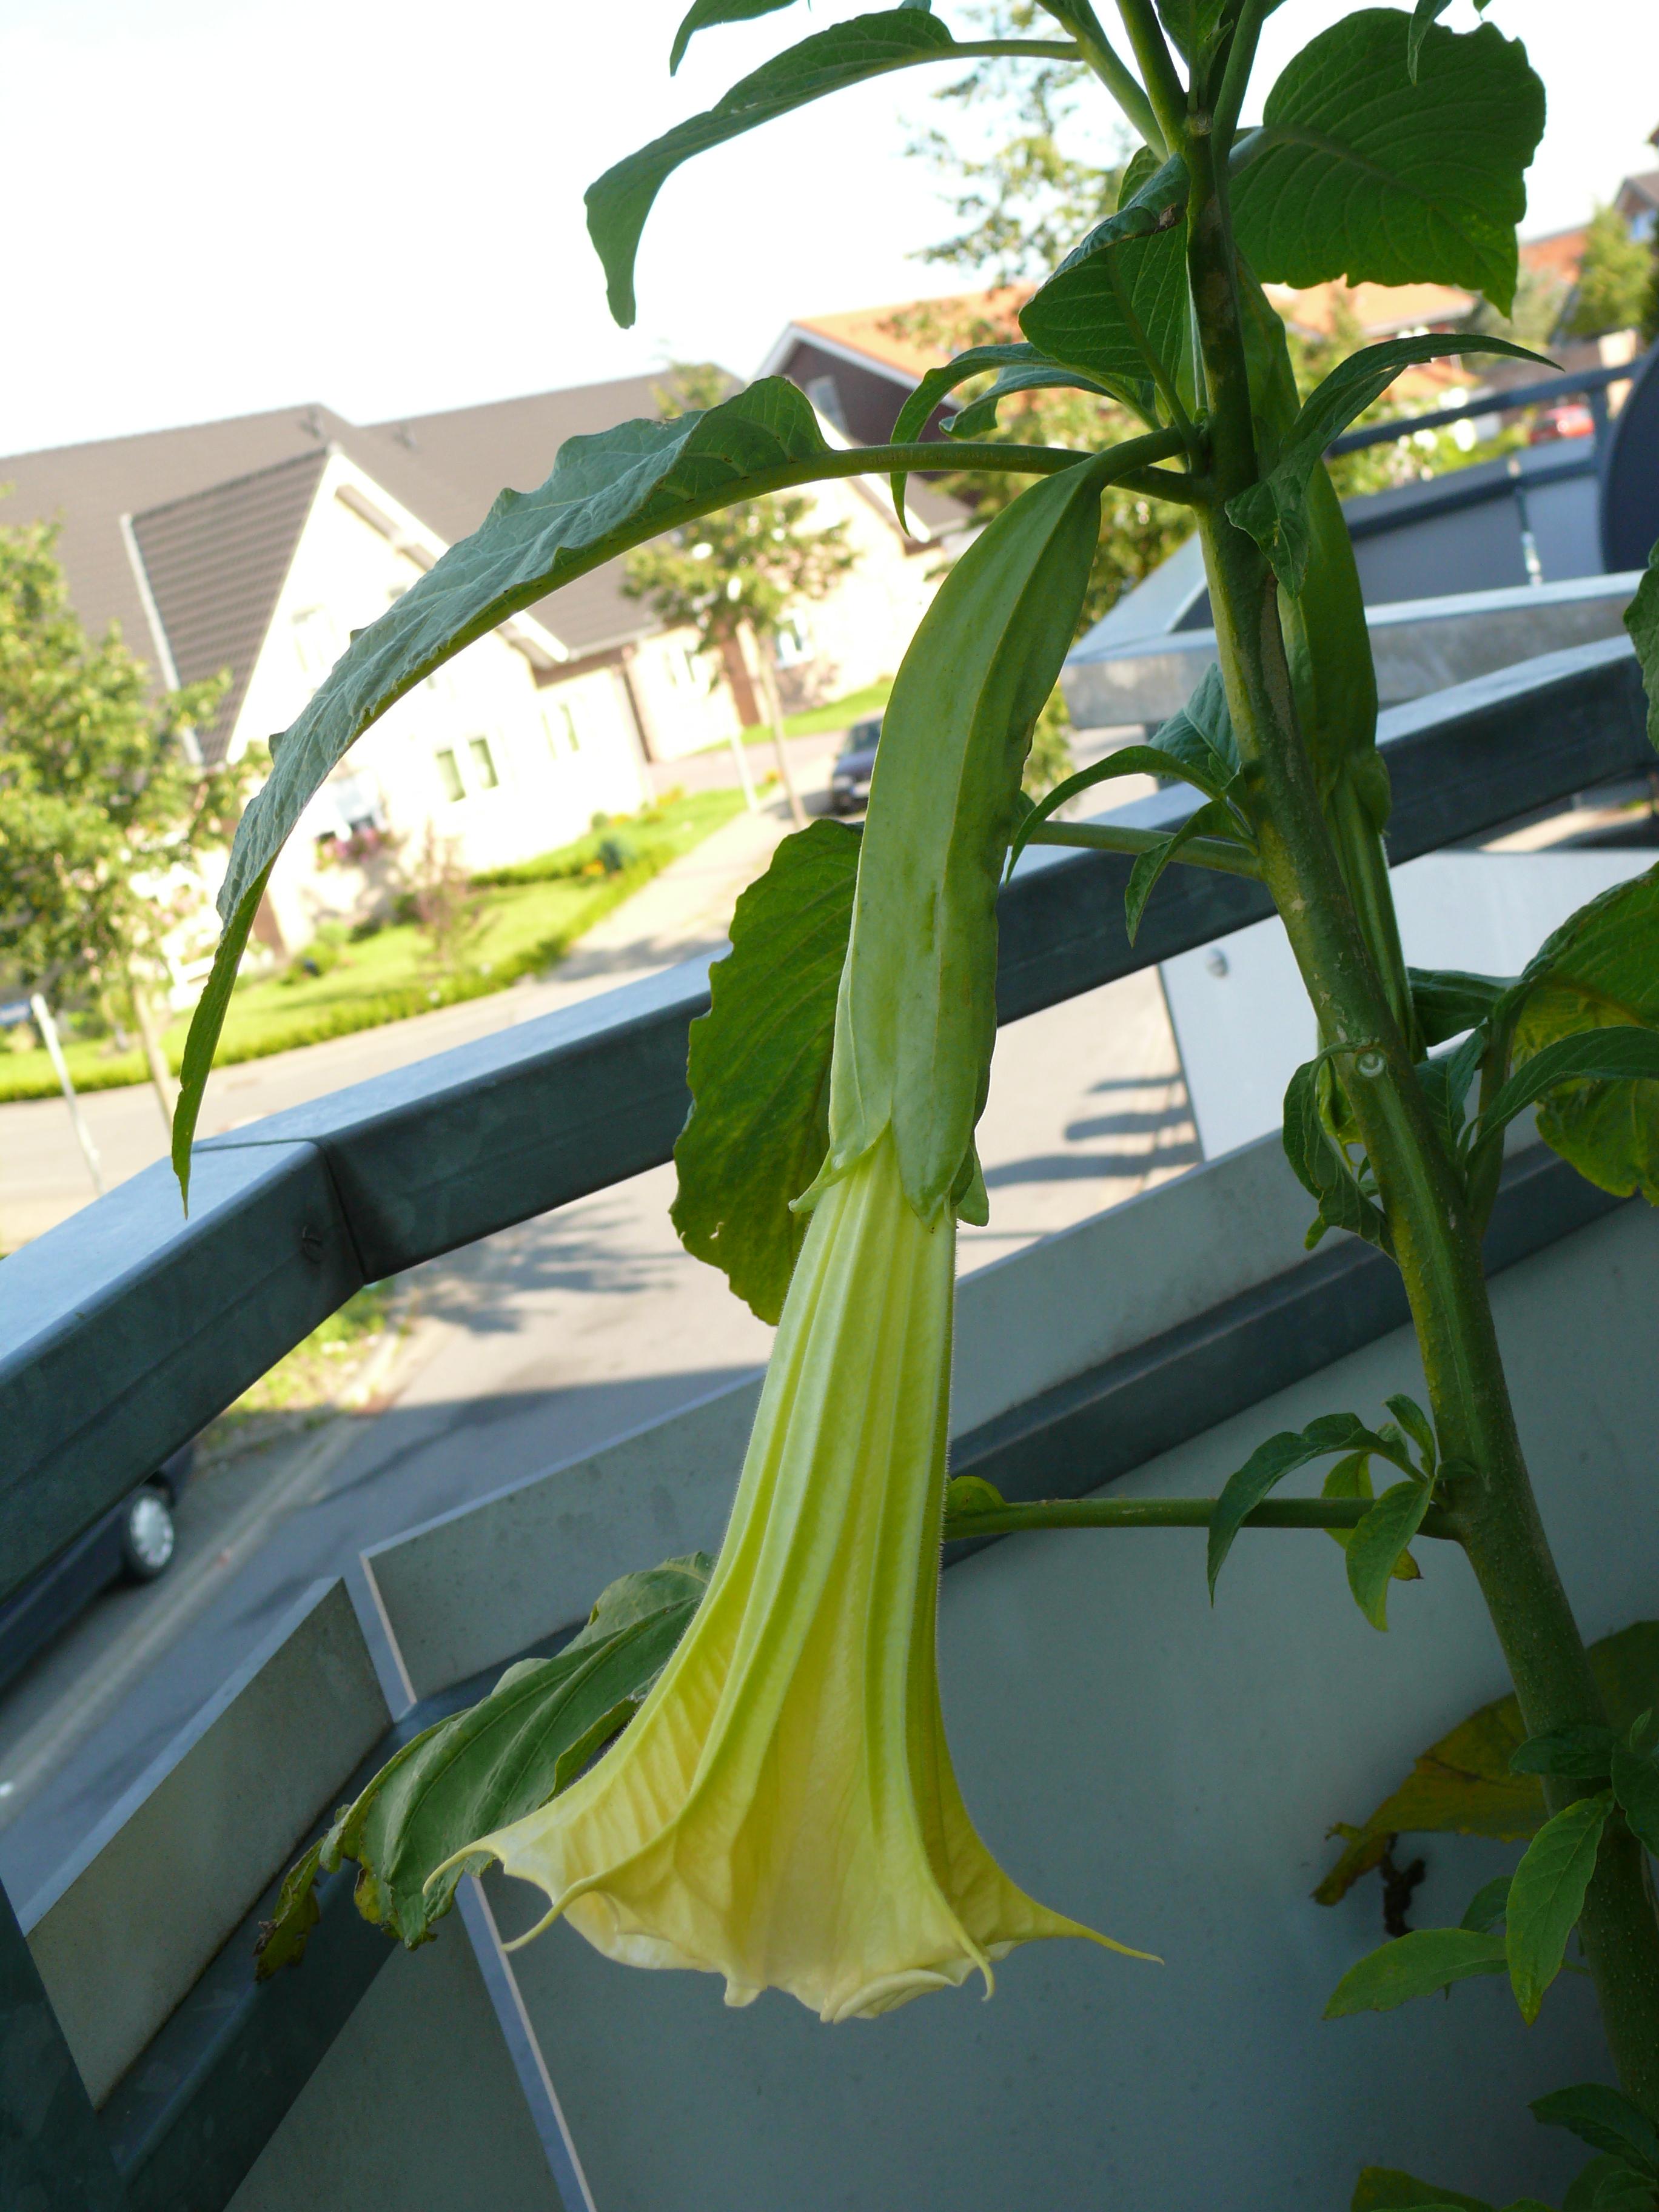 Auf meine Spitzpaprikapflanze bin ich ziemlich stolz, anscheinend hat sie  nen idealen Standort und trägt schon recht dicke Paprikas    0177998e861e